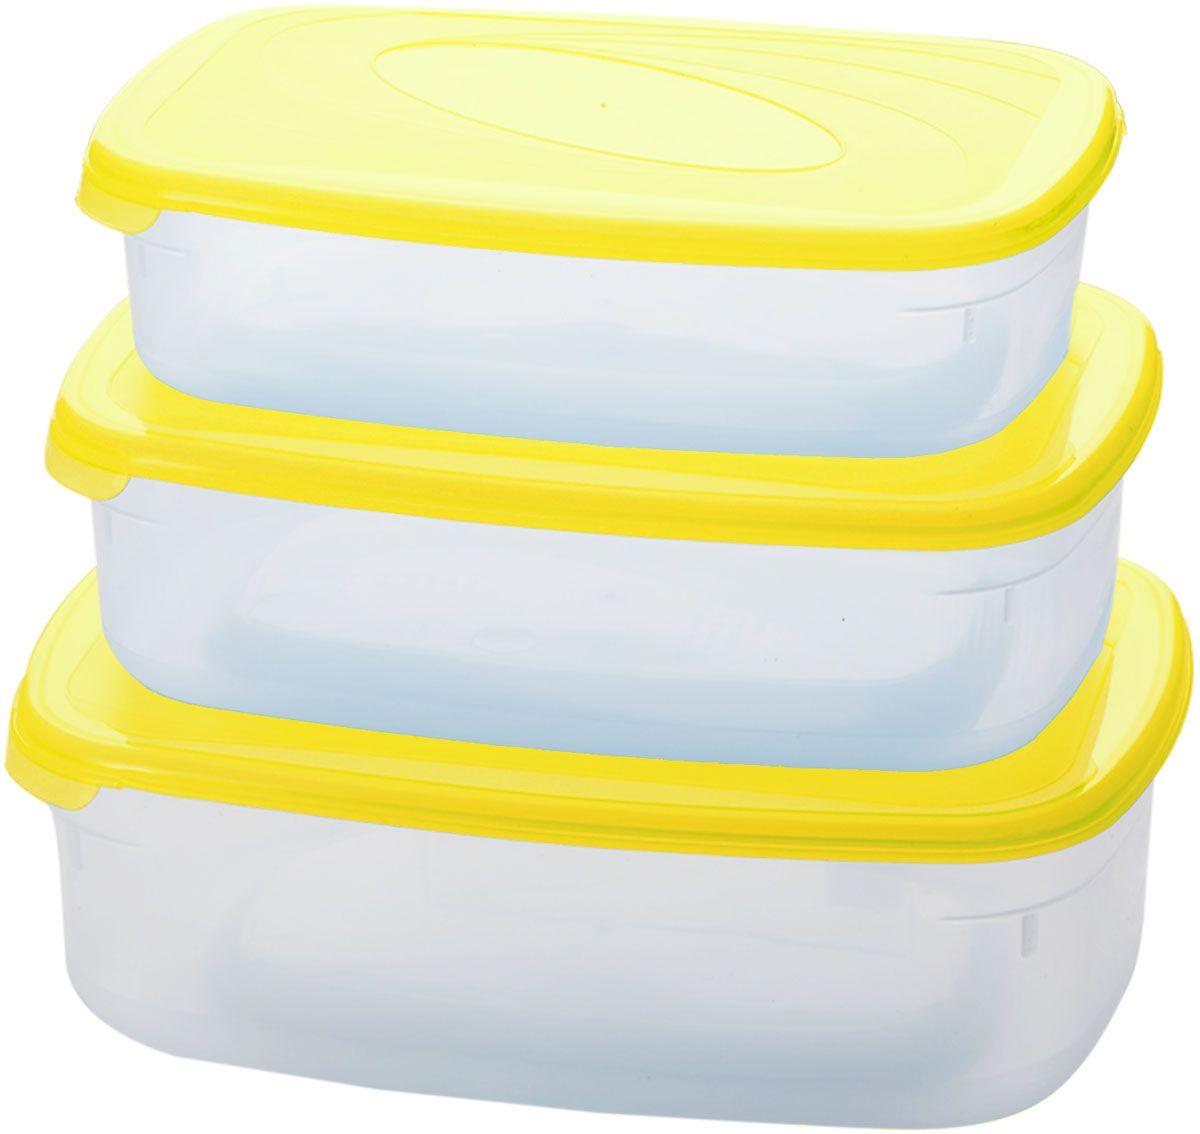 Комплект емкостей для СВЧ Plastic Centre Galaxy, цвет: желтый, прозрачный, 3 шт. ПЦ2234ЛМН68/5/3Комплект емкостей для СВЧ разных размеров многофункционального применения. Их можно применять как для хранения различных продуктов, так и для разогрева пищи, замораживания ягод и овощей в морозильной камере и т.п. При хранении продуктов емкости можно ставить одну на другую, сохраняя полезную площадь холодильника или морозильной камеры.Объем маленькой емкости: 750 мл.Объем средней емкости: 1,2 л.Объем большой емкости: 1,6 л.